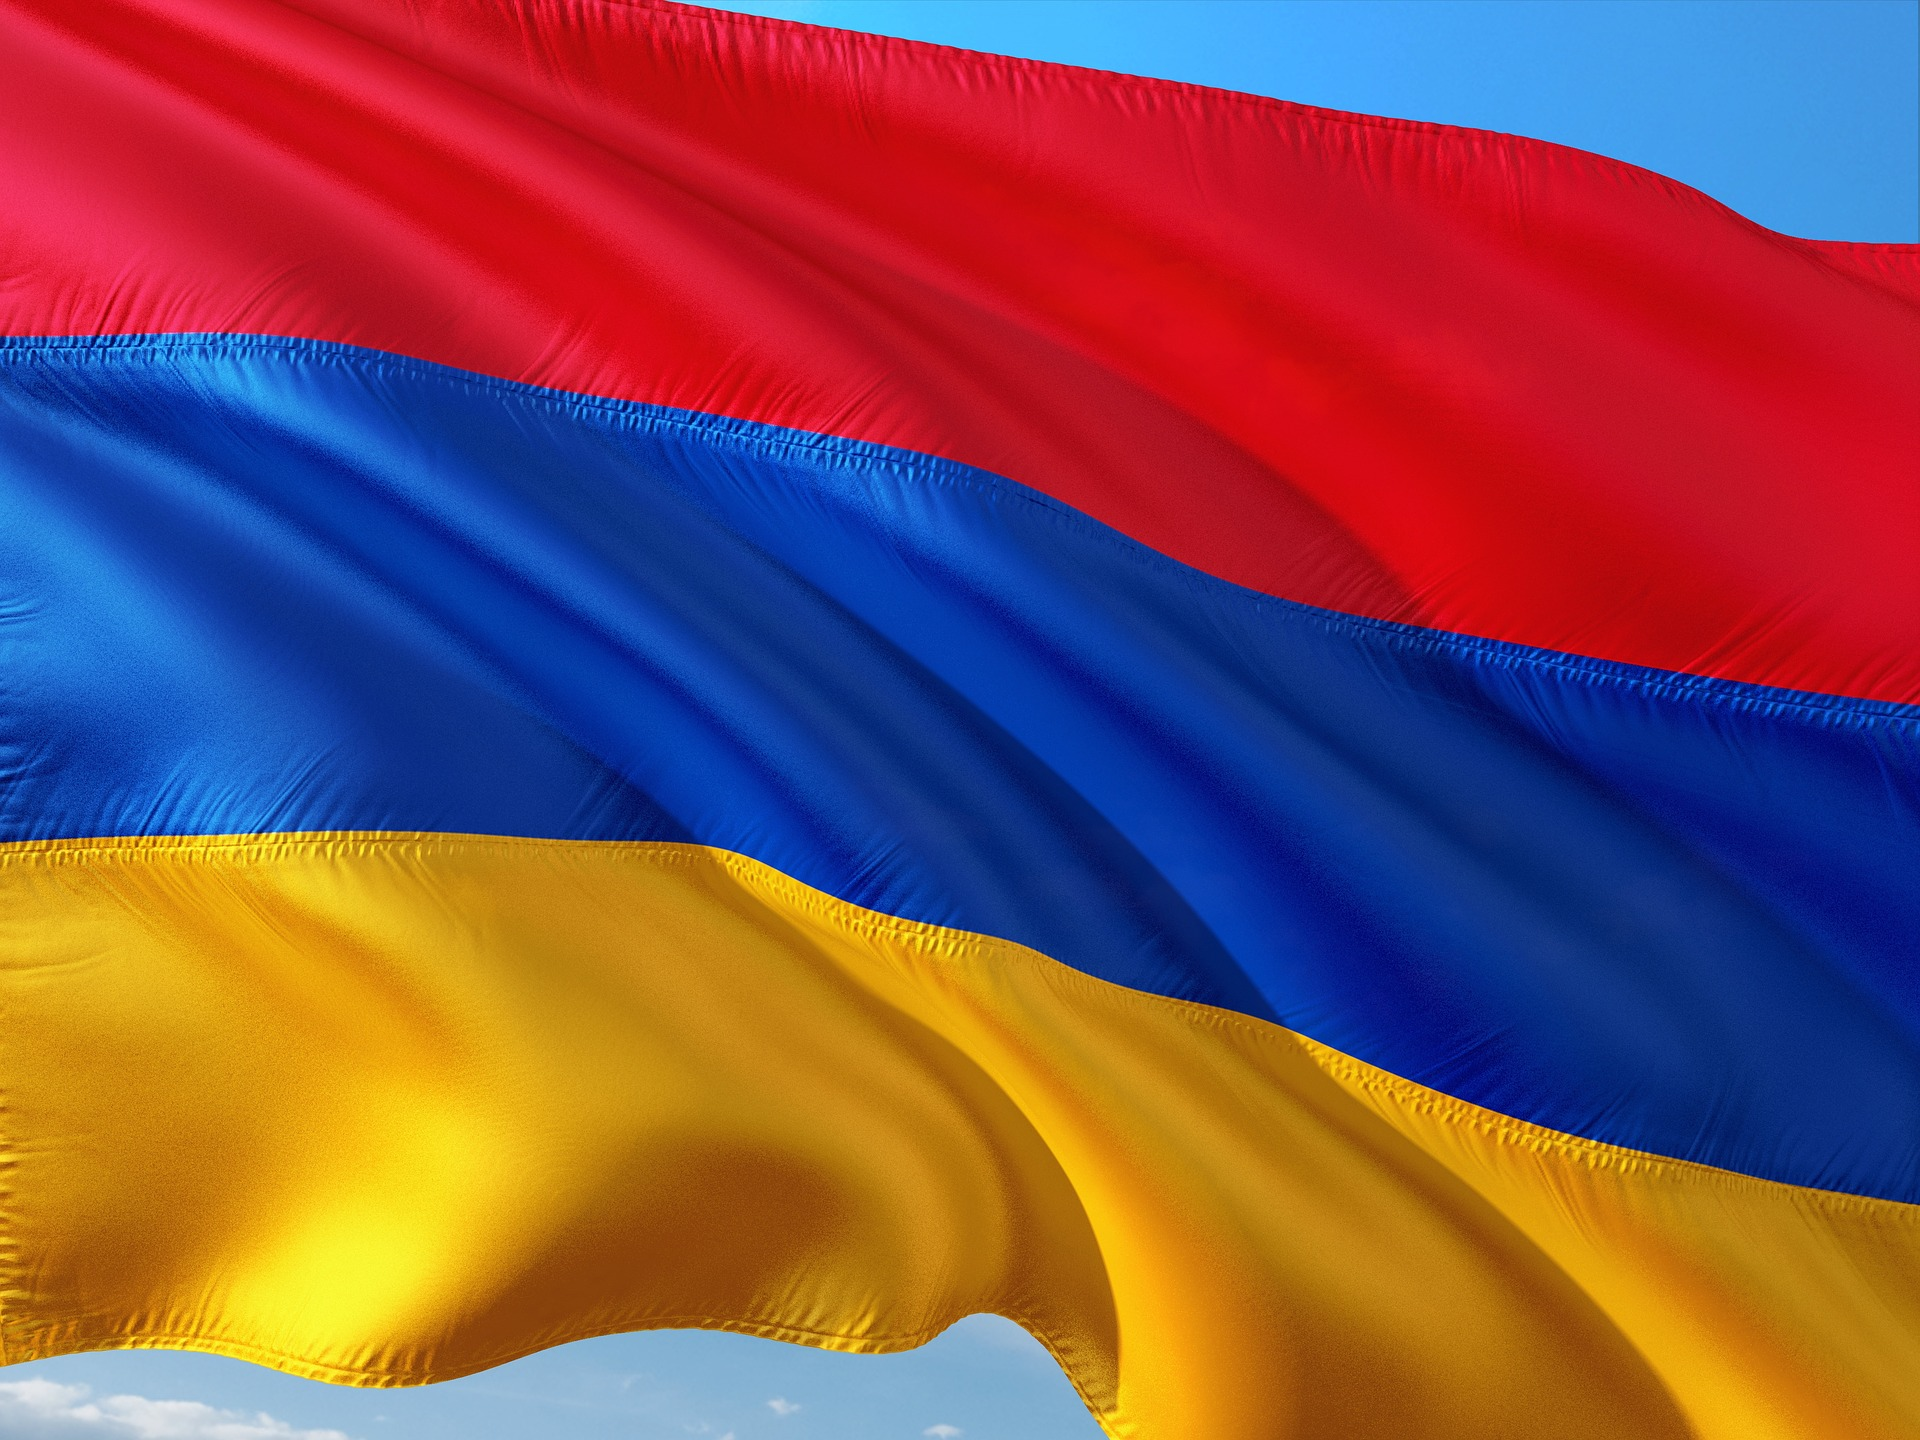 Armen Sarkisian novi predsjednik Armenije